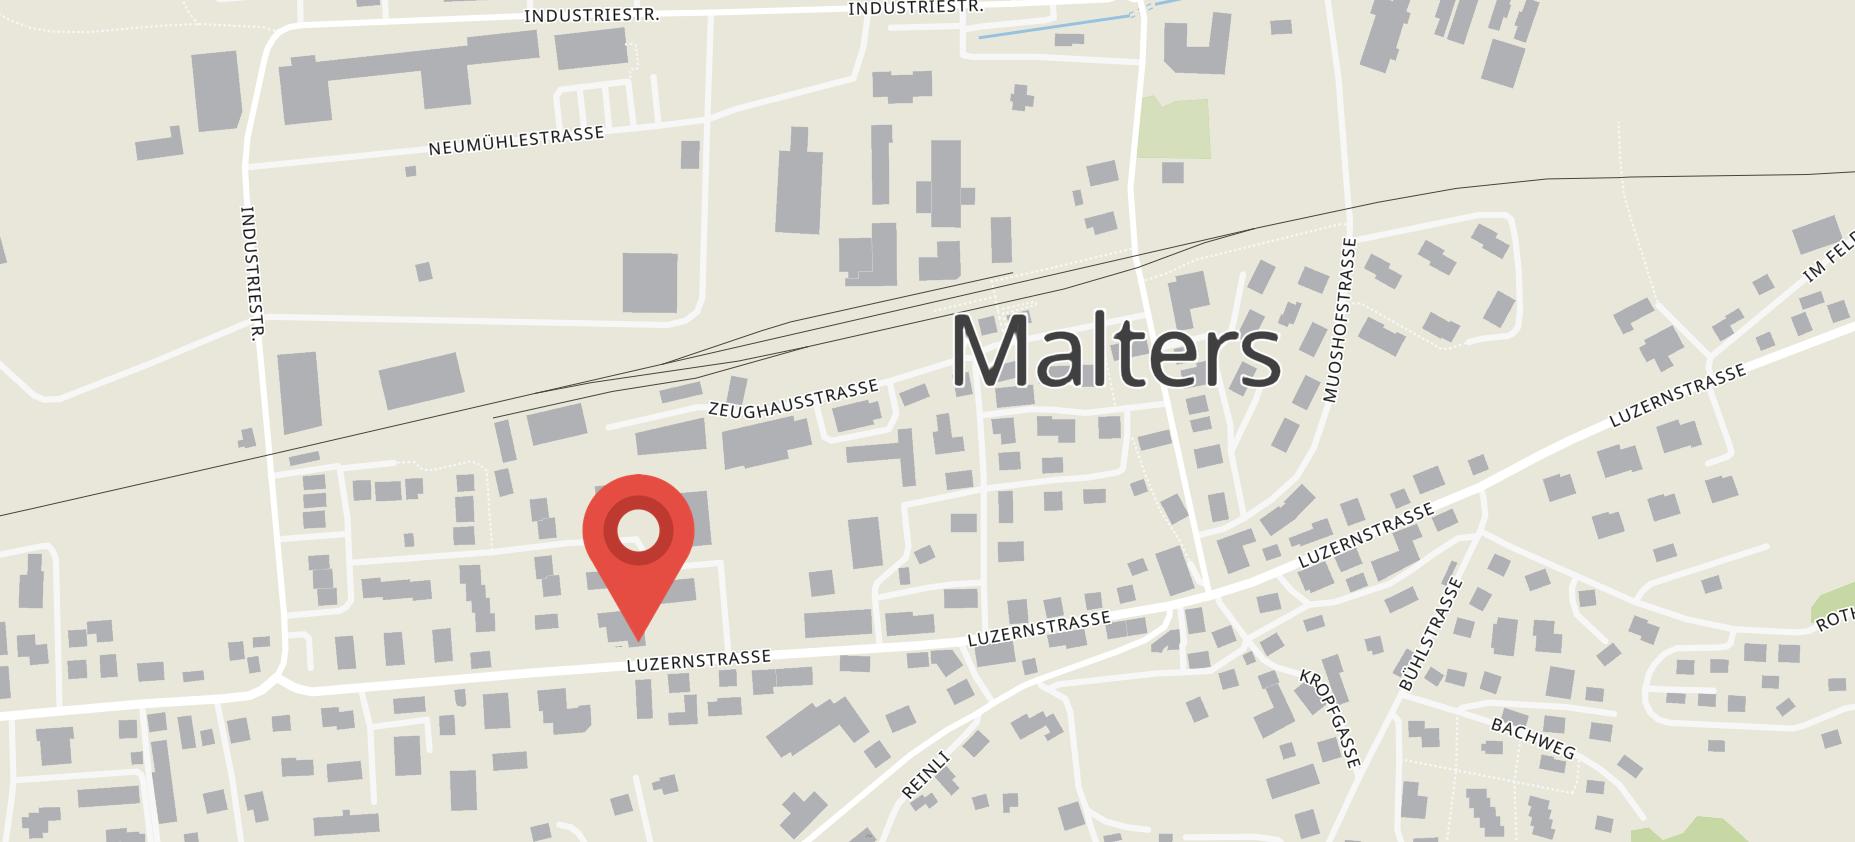 Aerztezentrum Malters Karte und Link